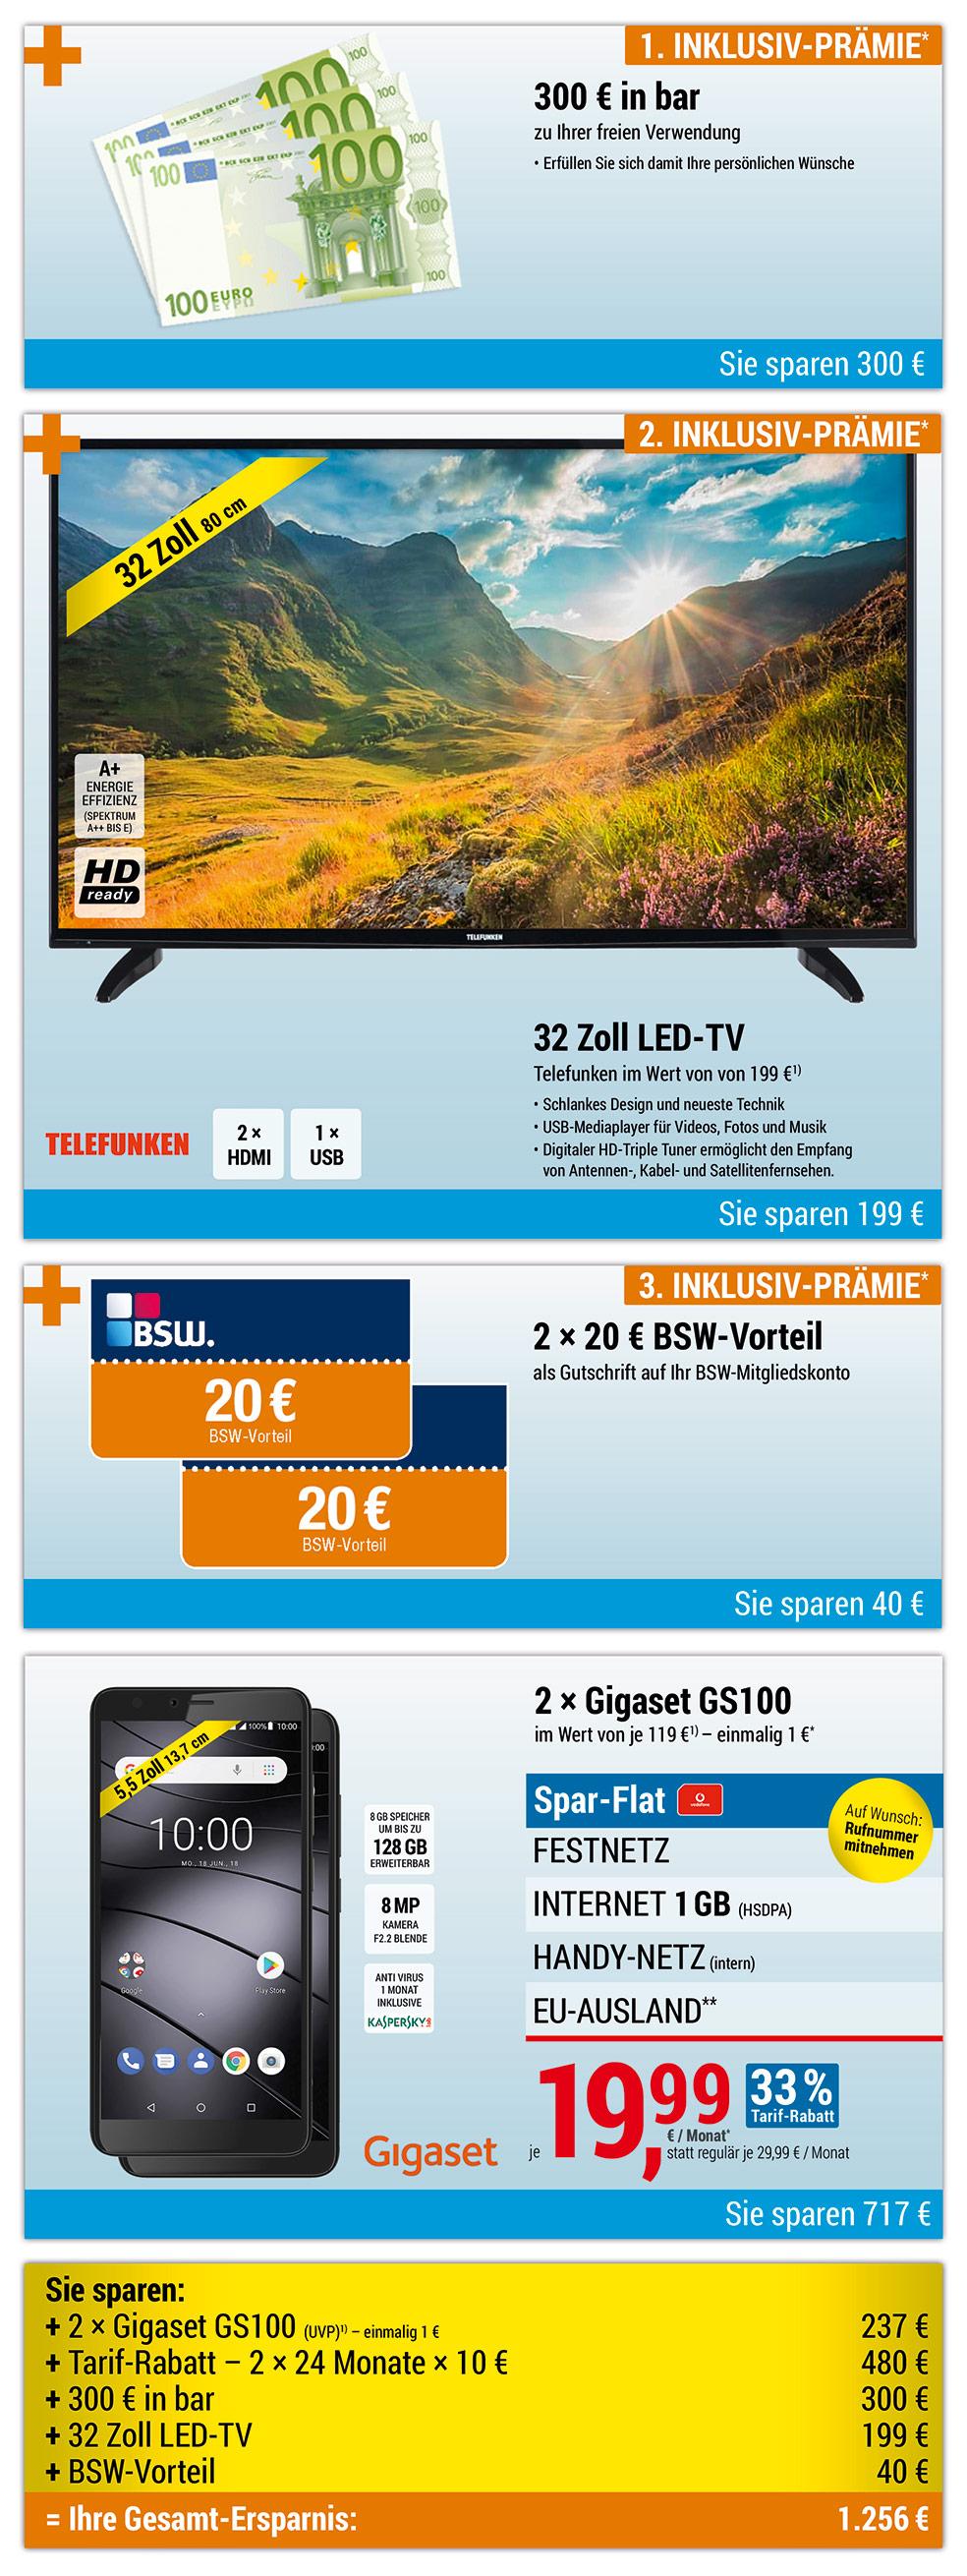 300 € bar + 32 Zoll LED-TV + 2 × 20€ BSW-Vorteil INKLUSIVE + 2x Gigaset GS100